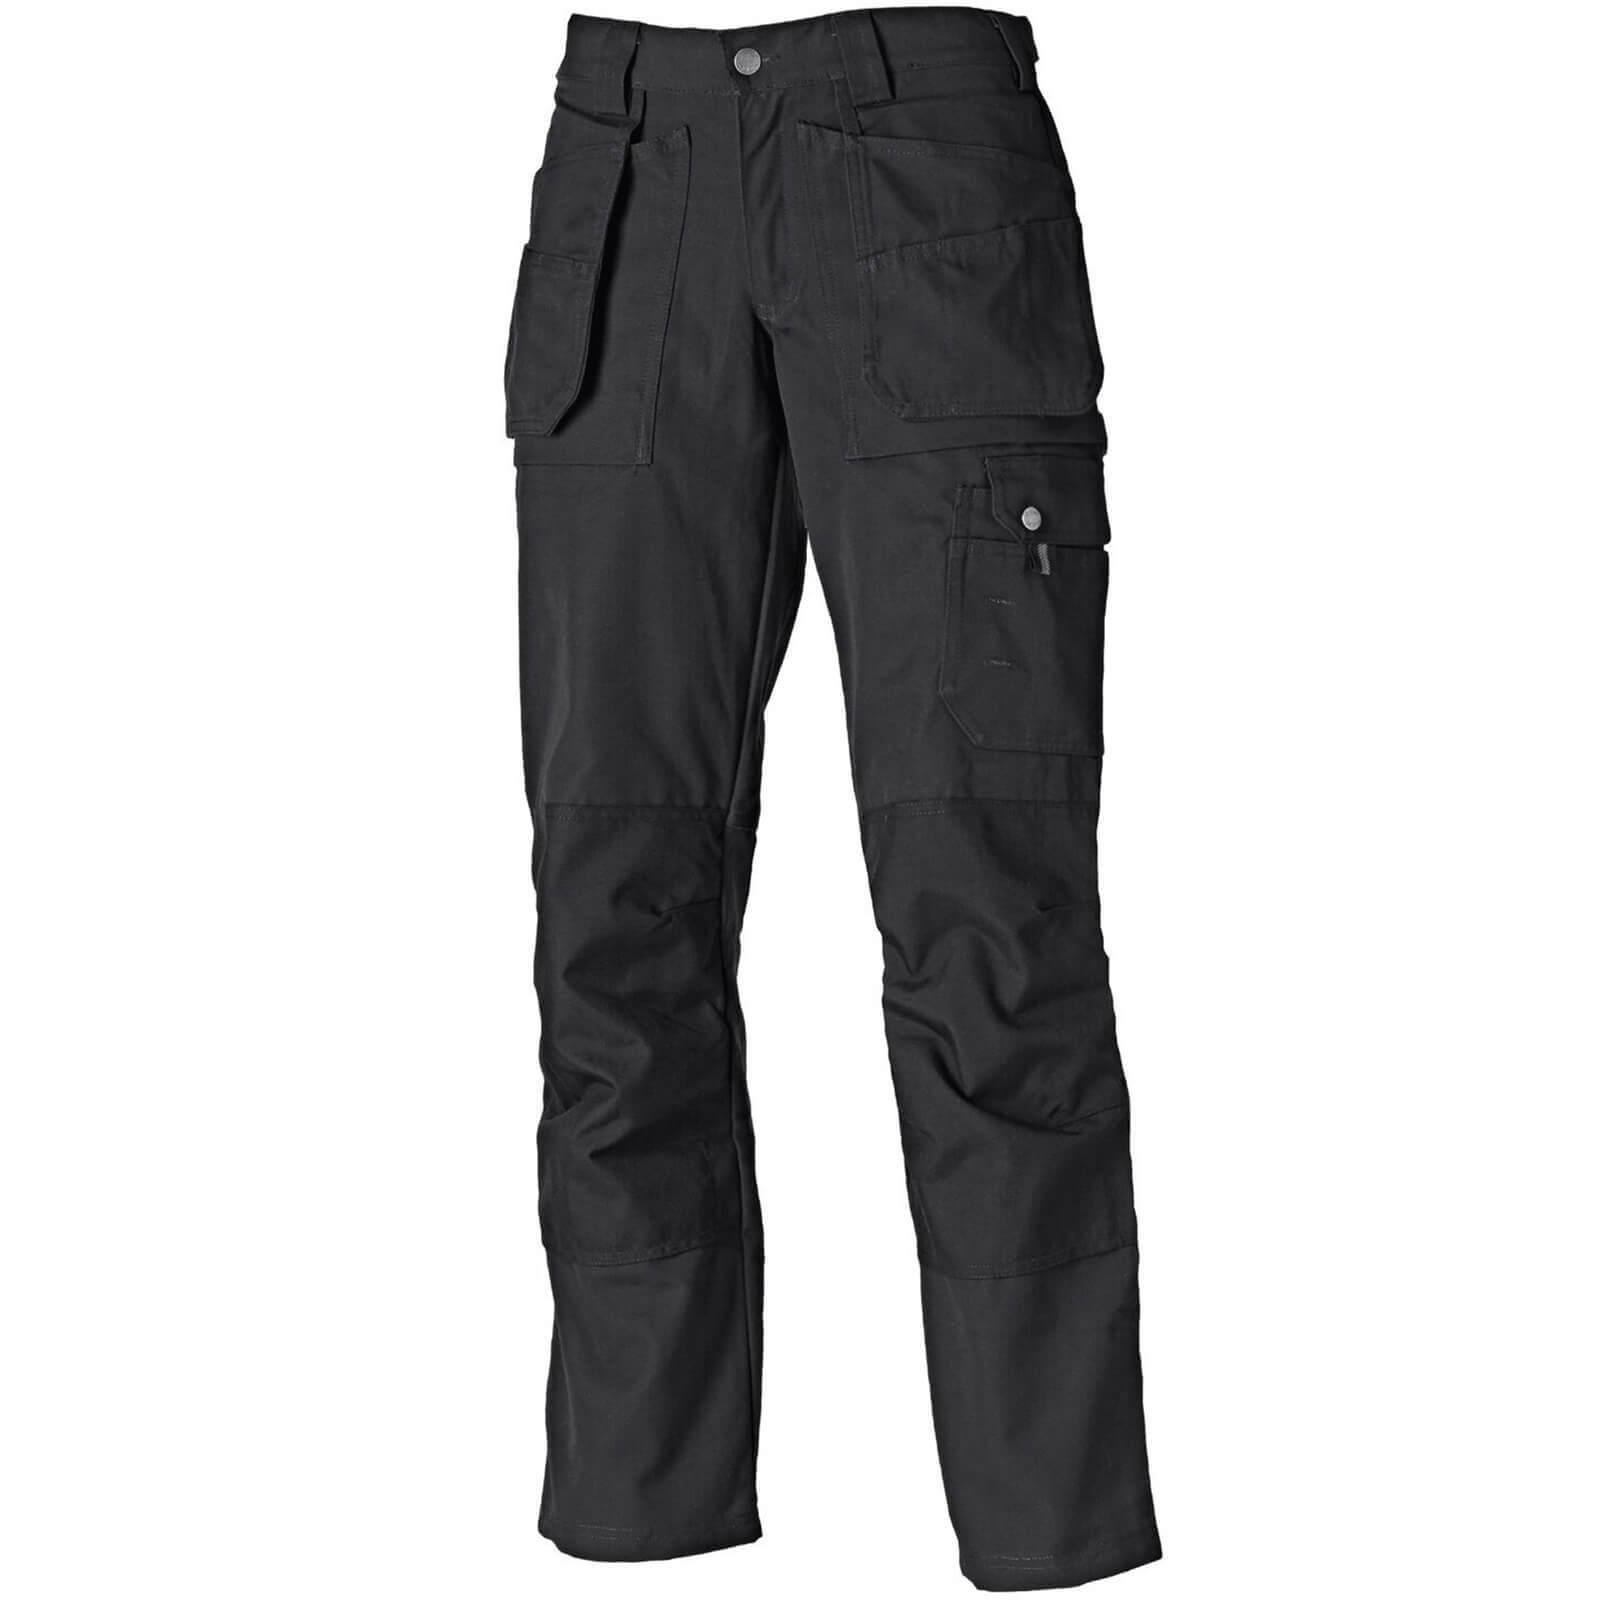 Dickies Ladies Eisenhower Multi Pocket Trousers Black 10 32